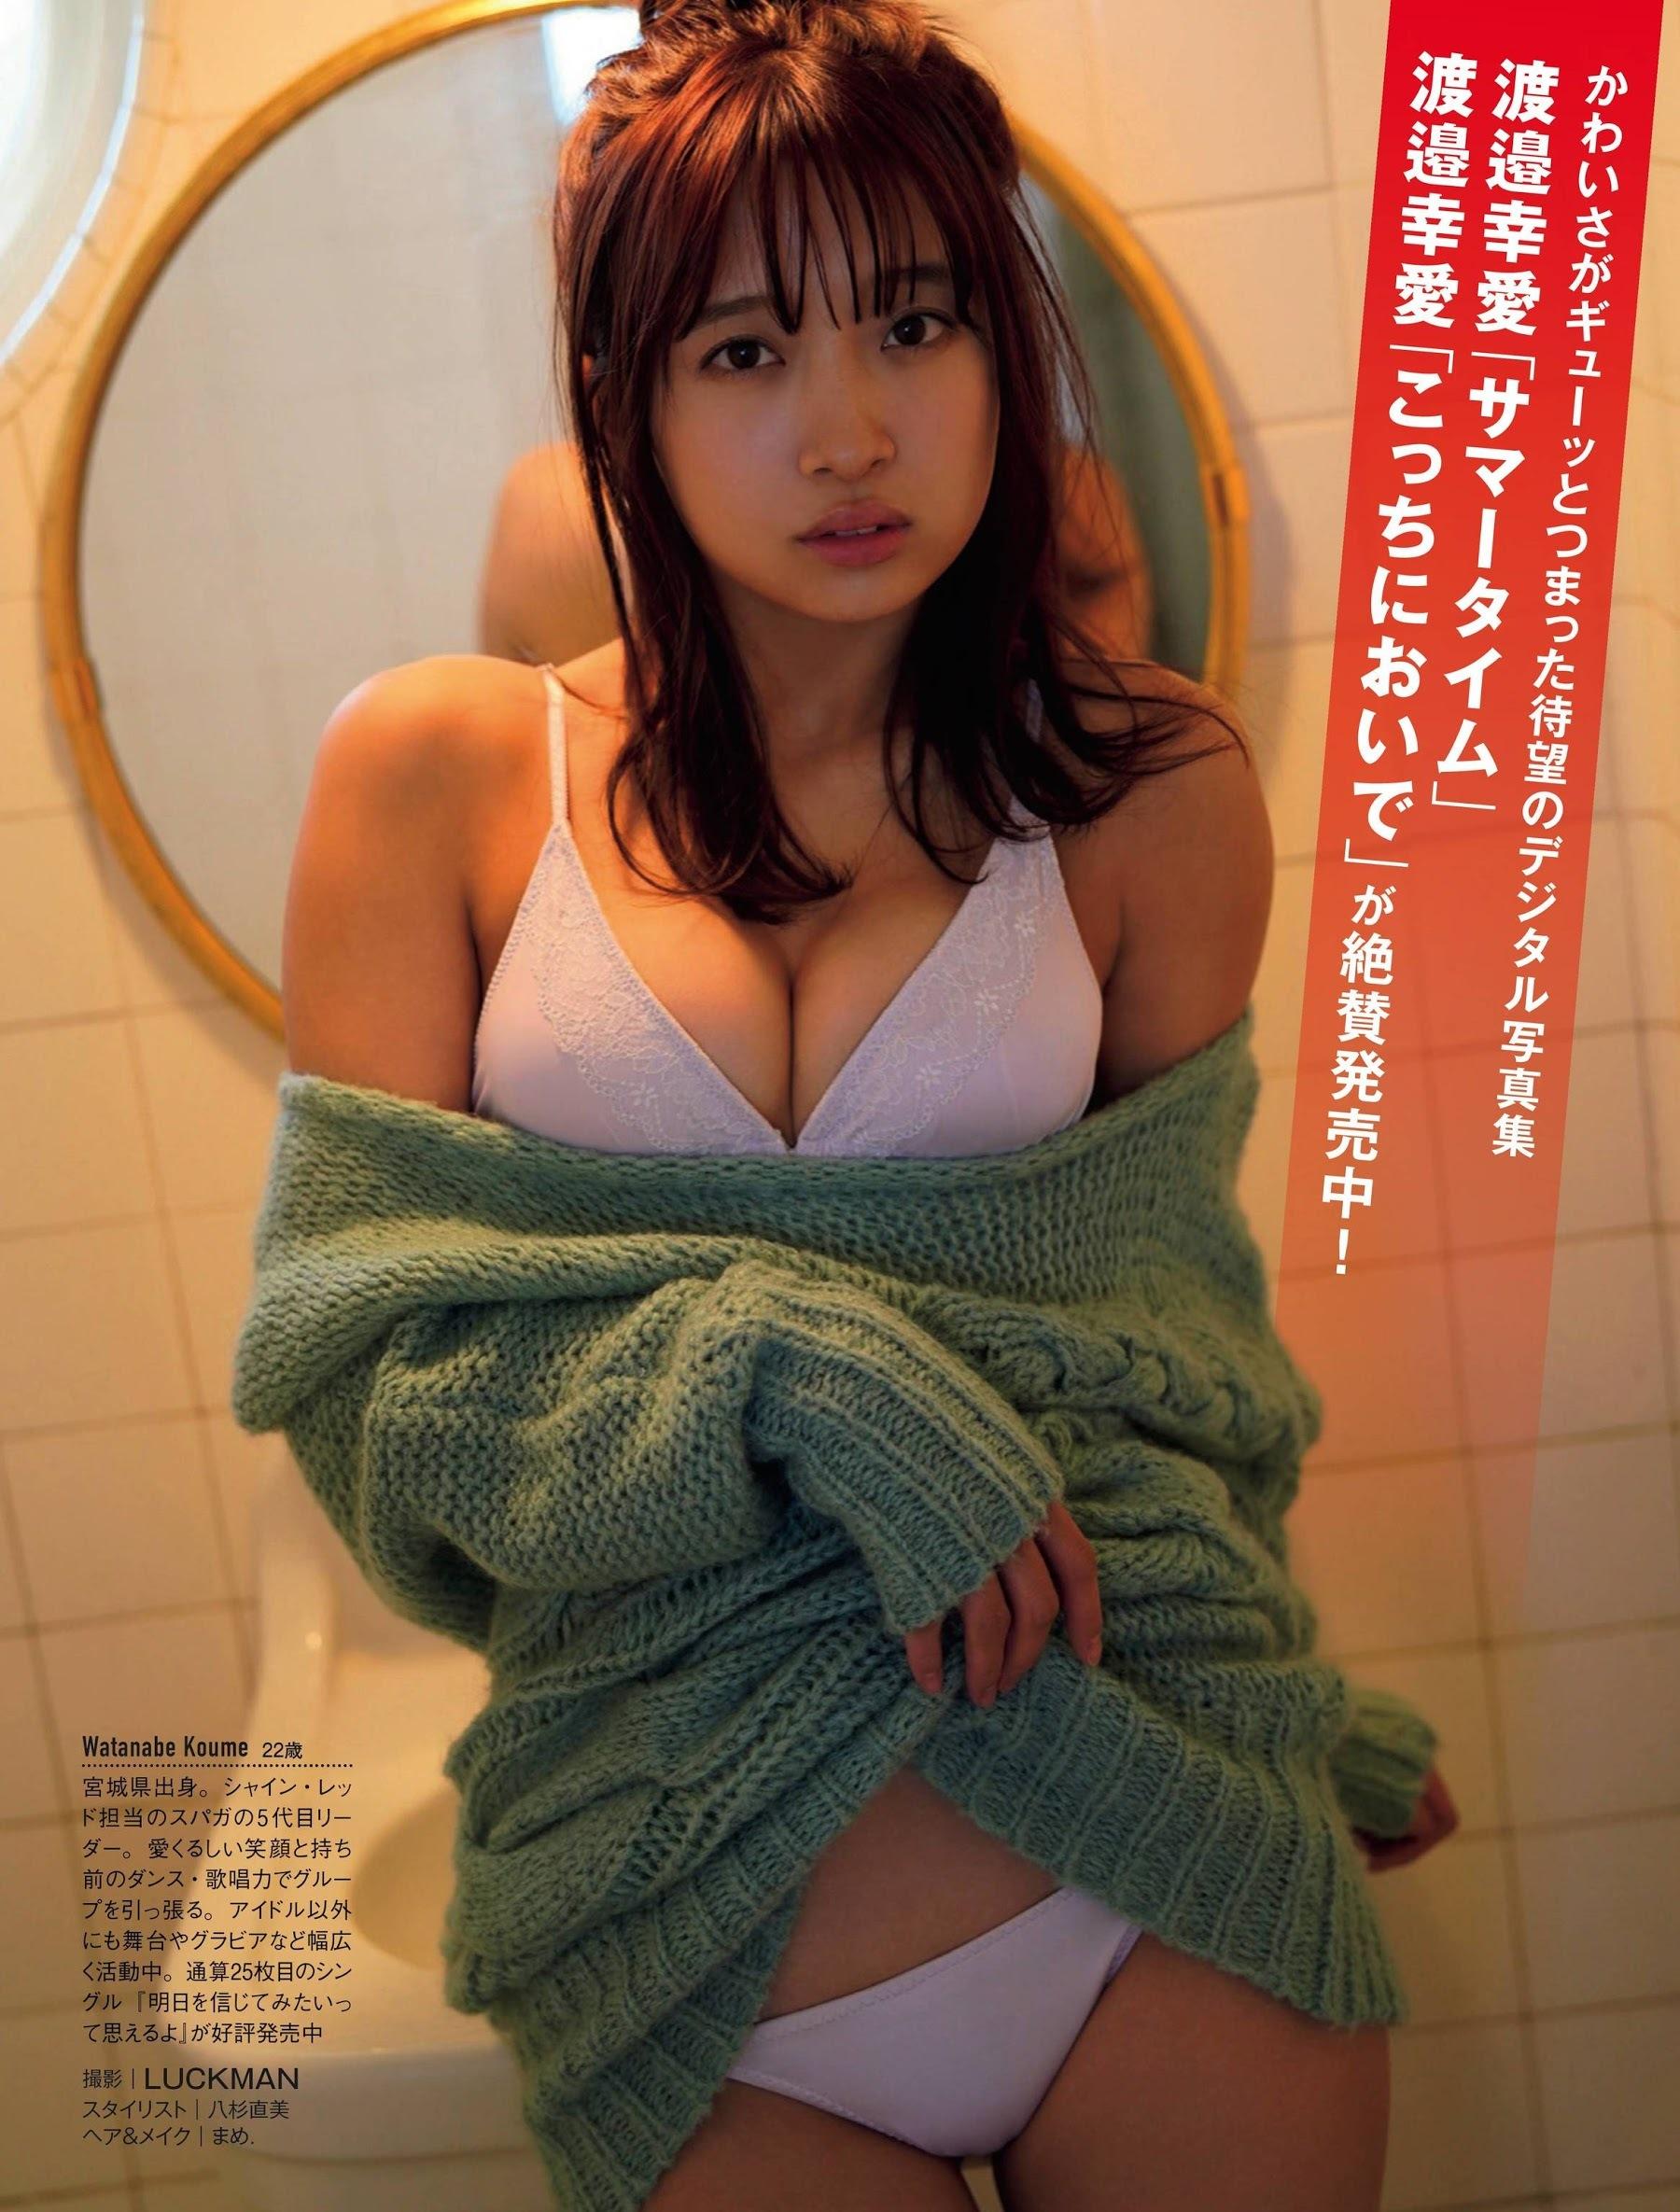 渡邉幸愛66